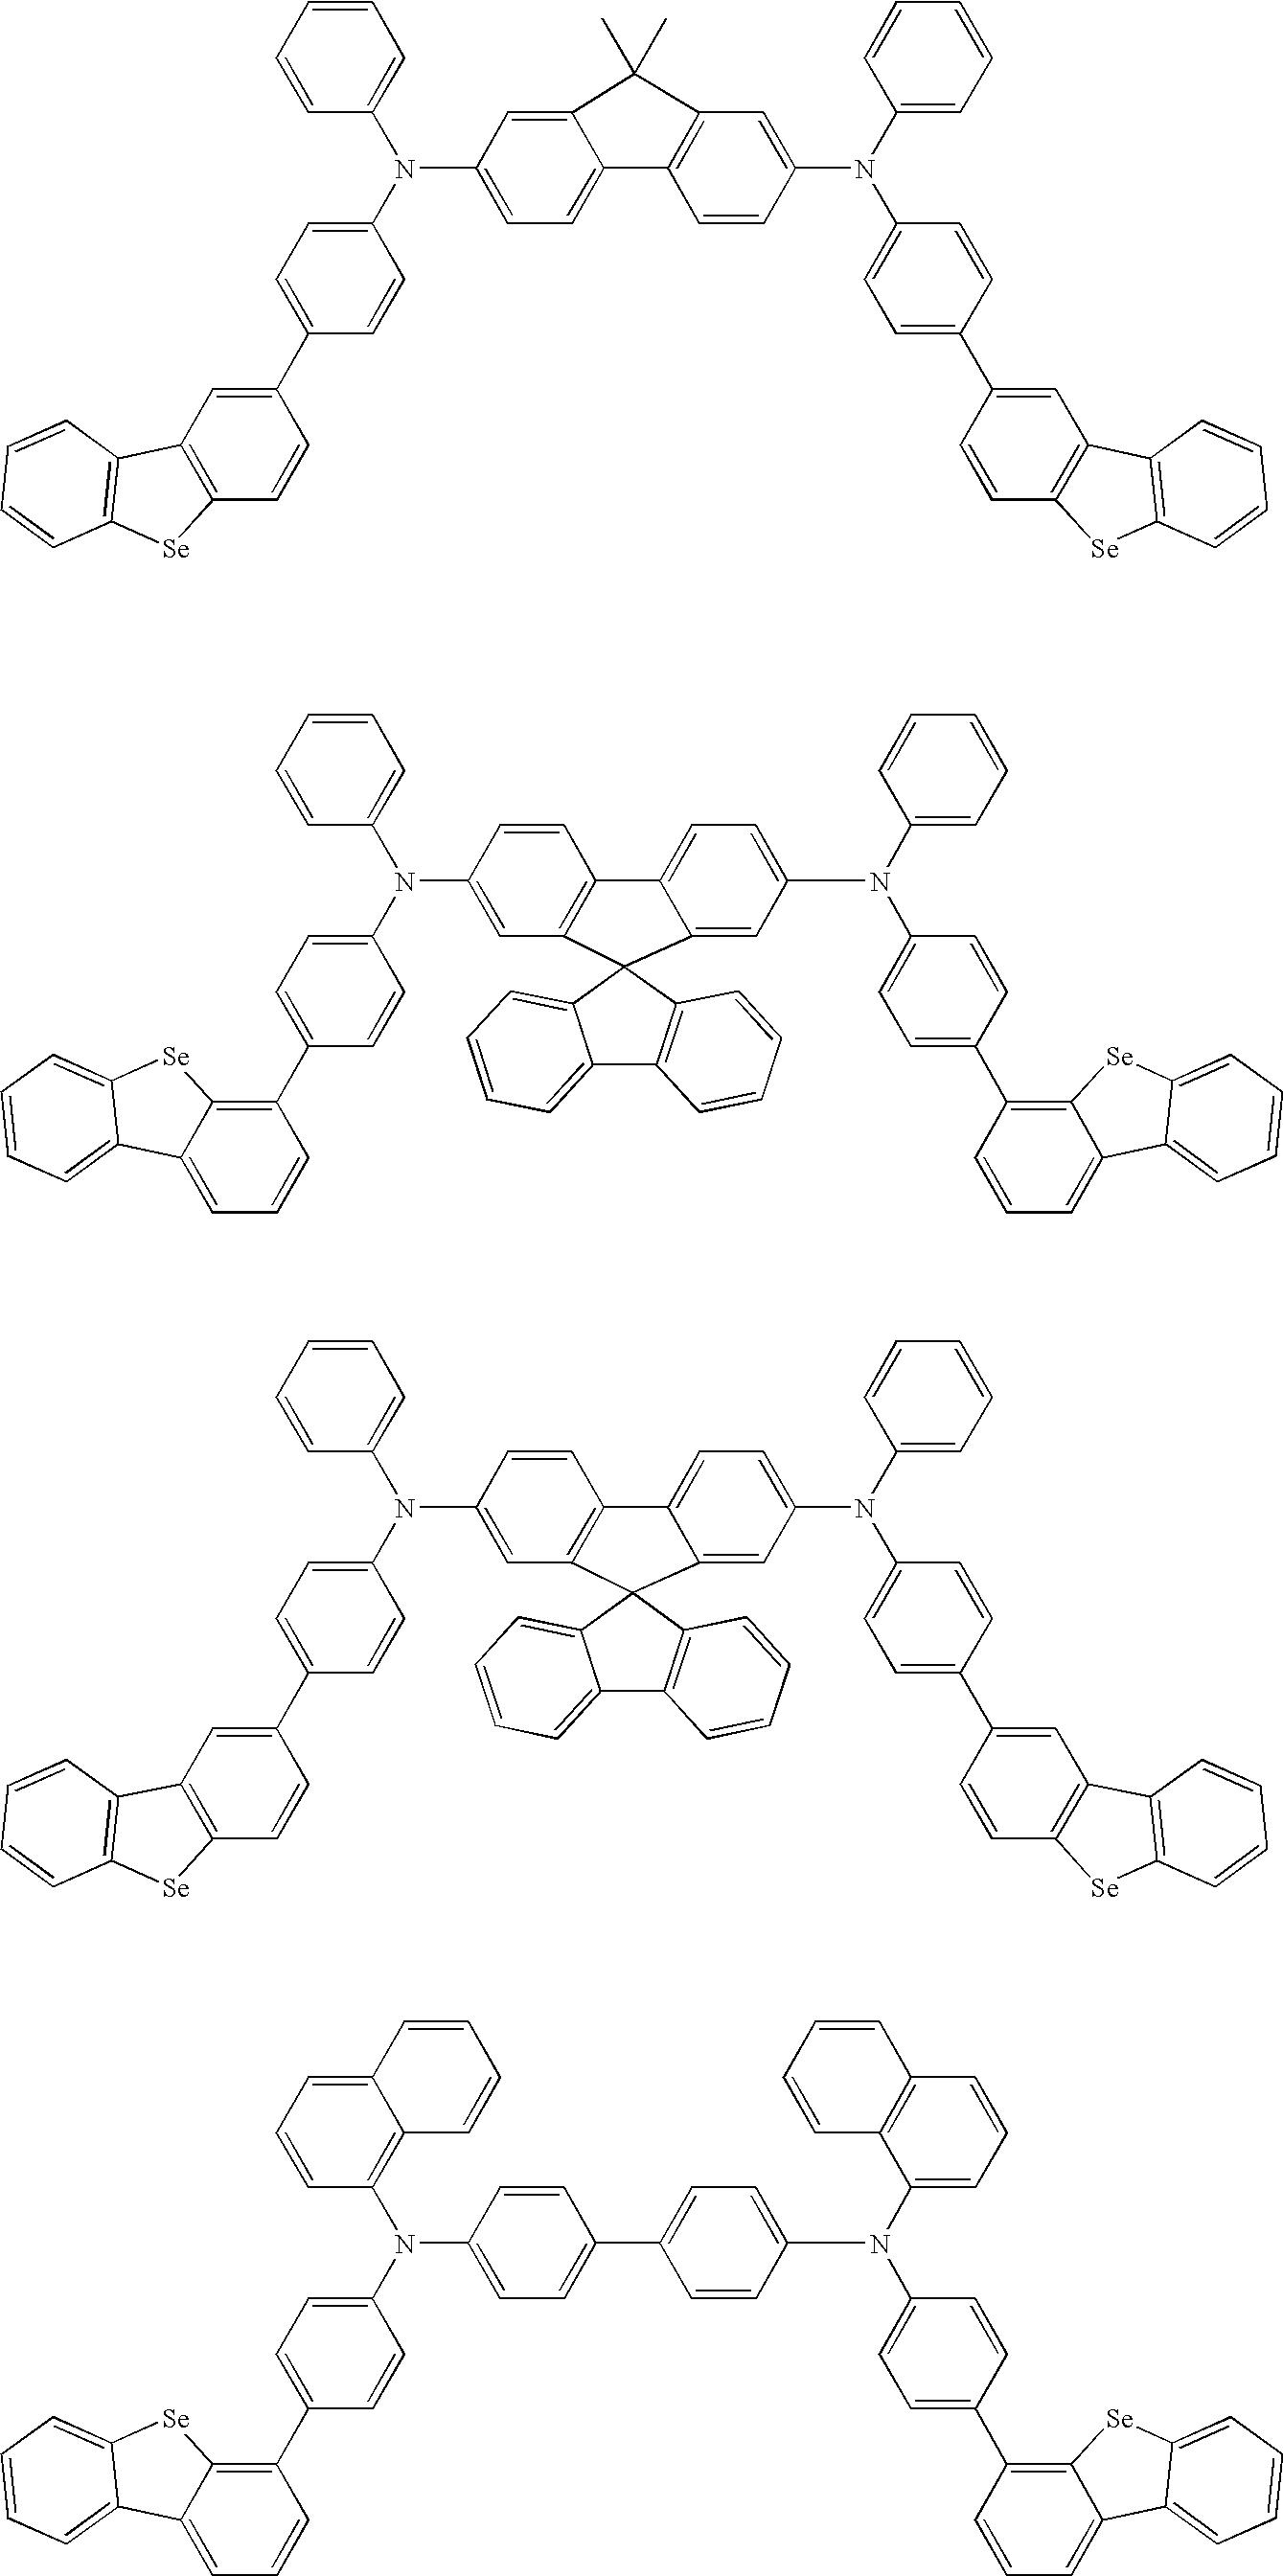 Figure US20100072887A1-20100325-C00017